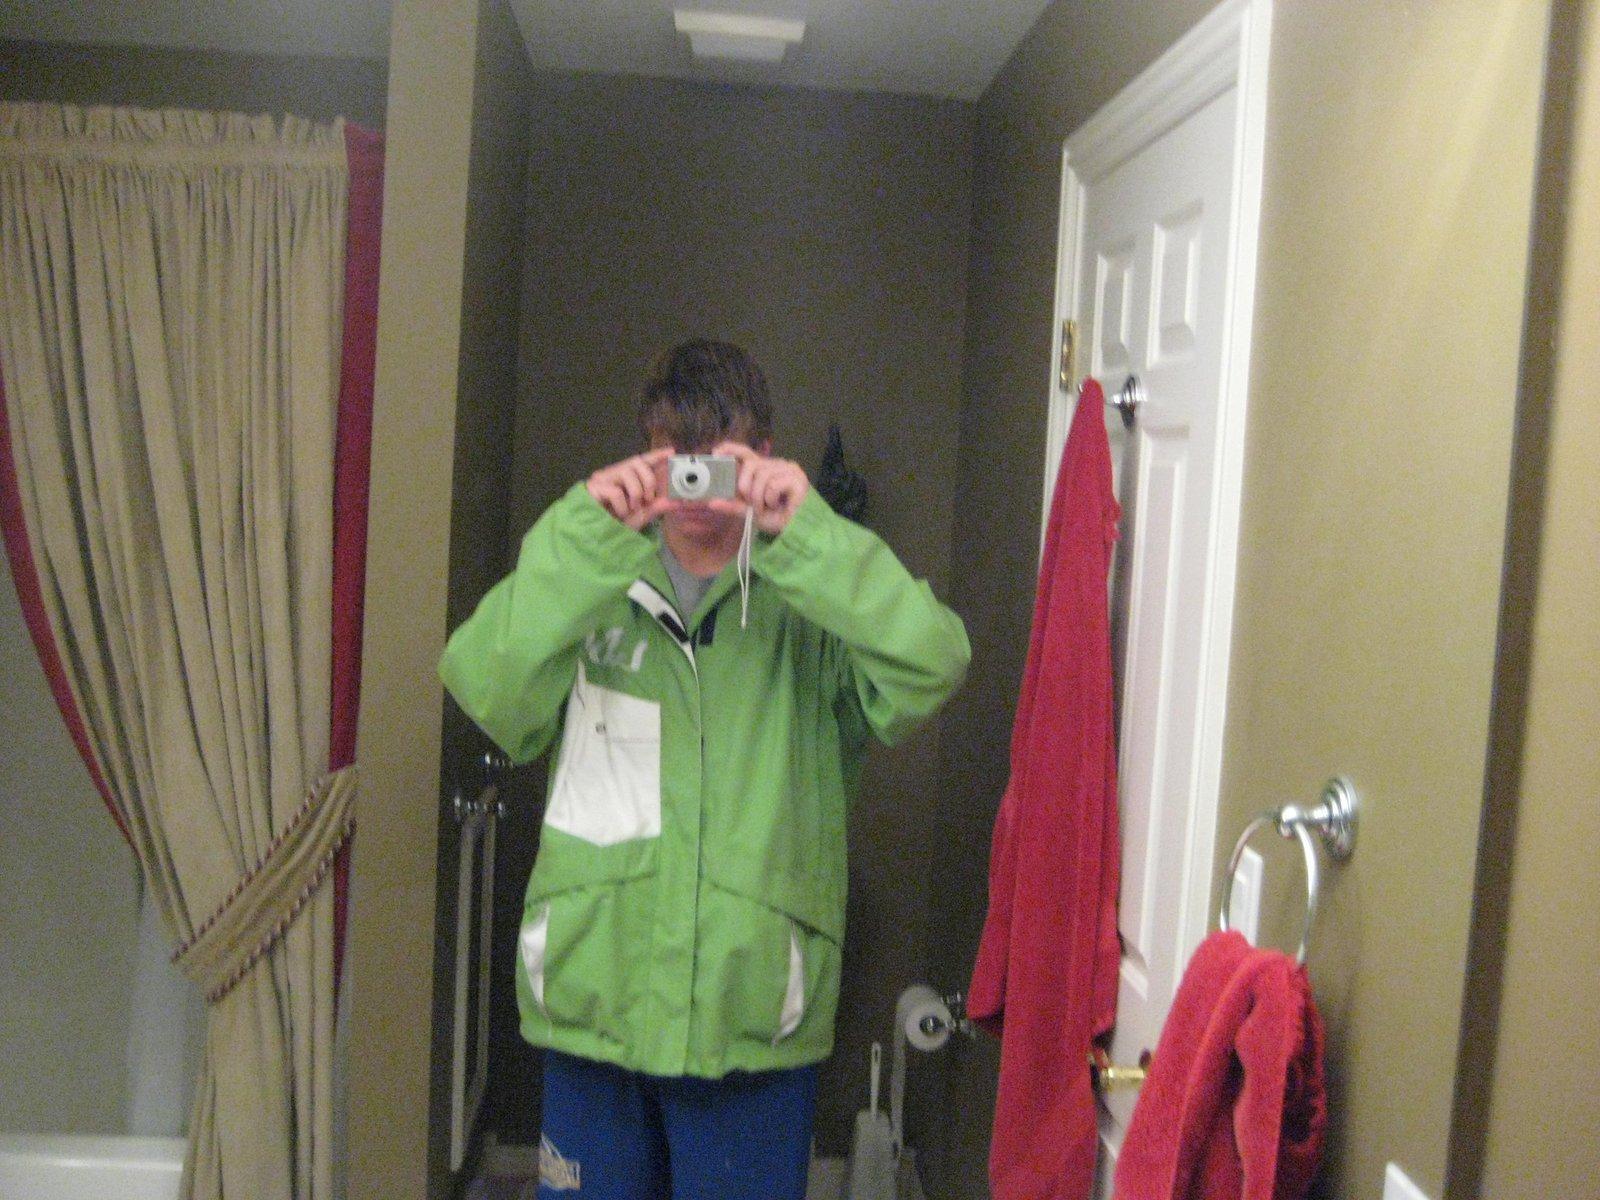 Ldc jacket (front)